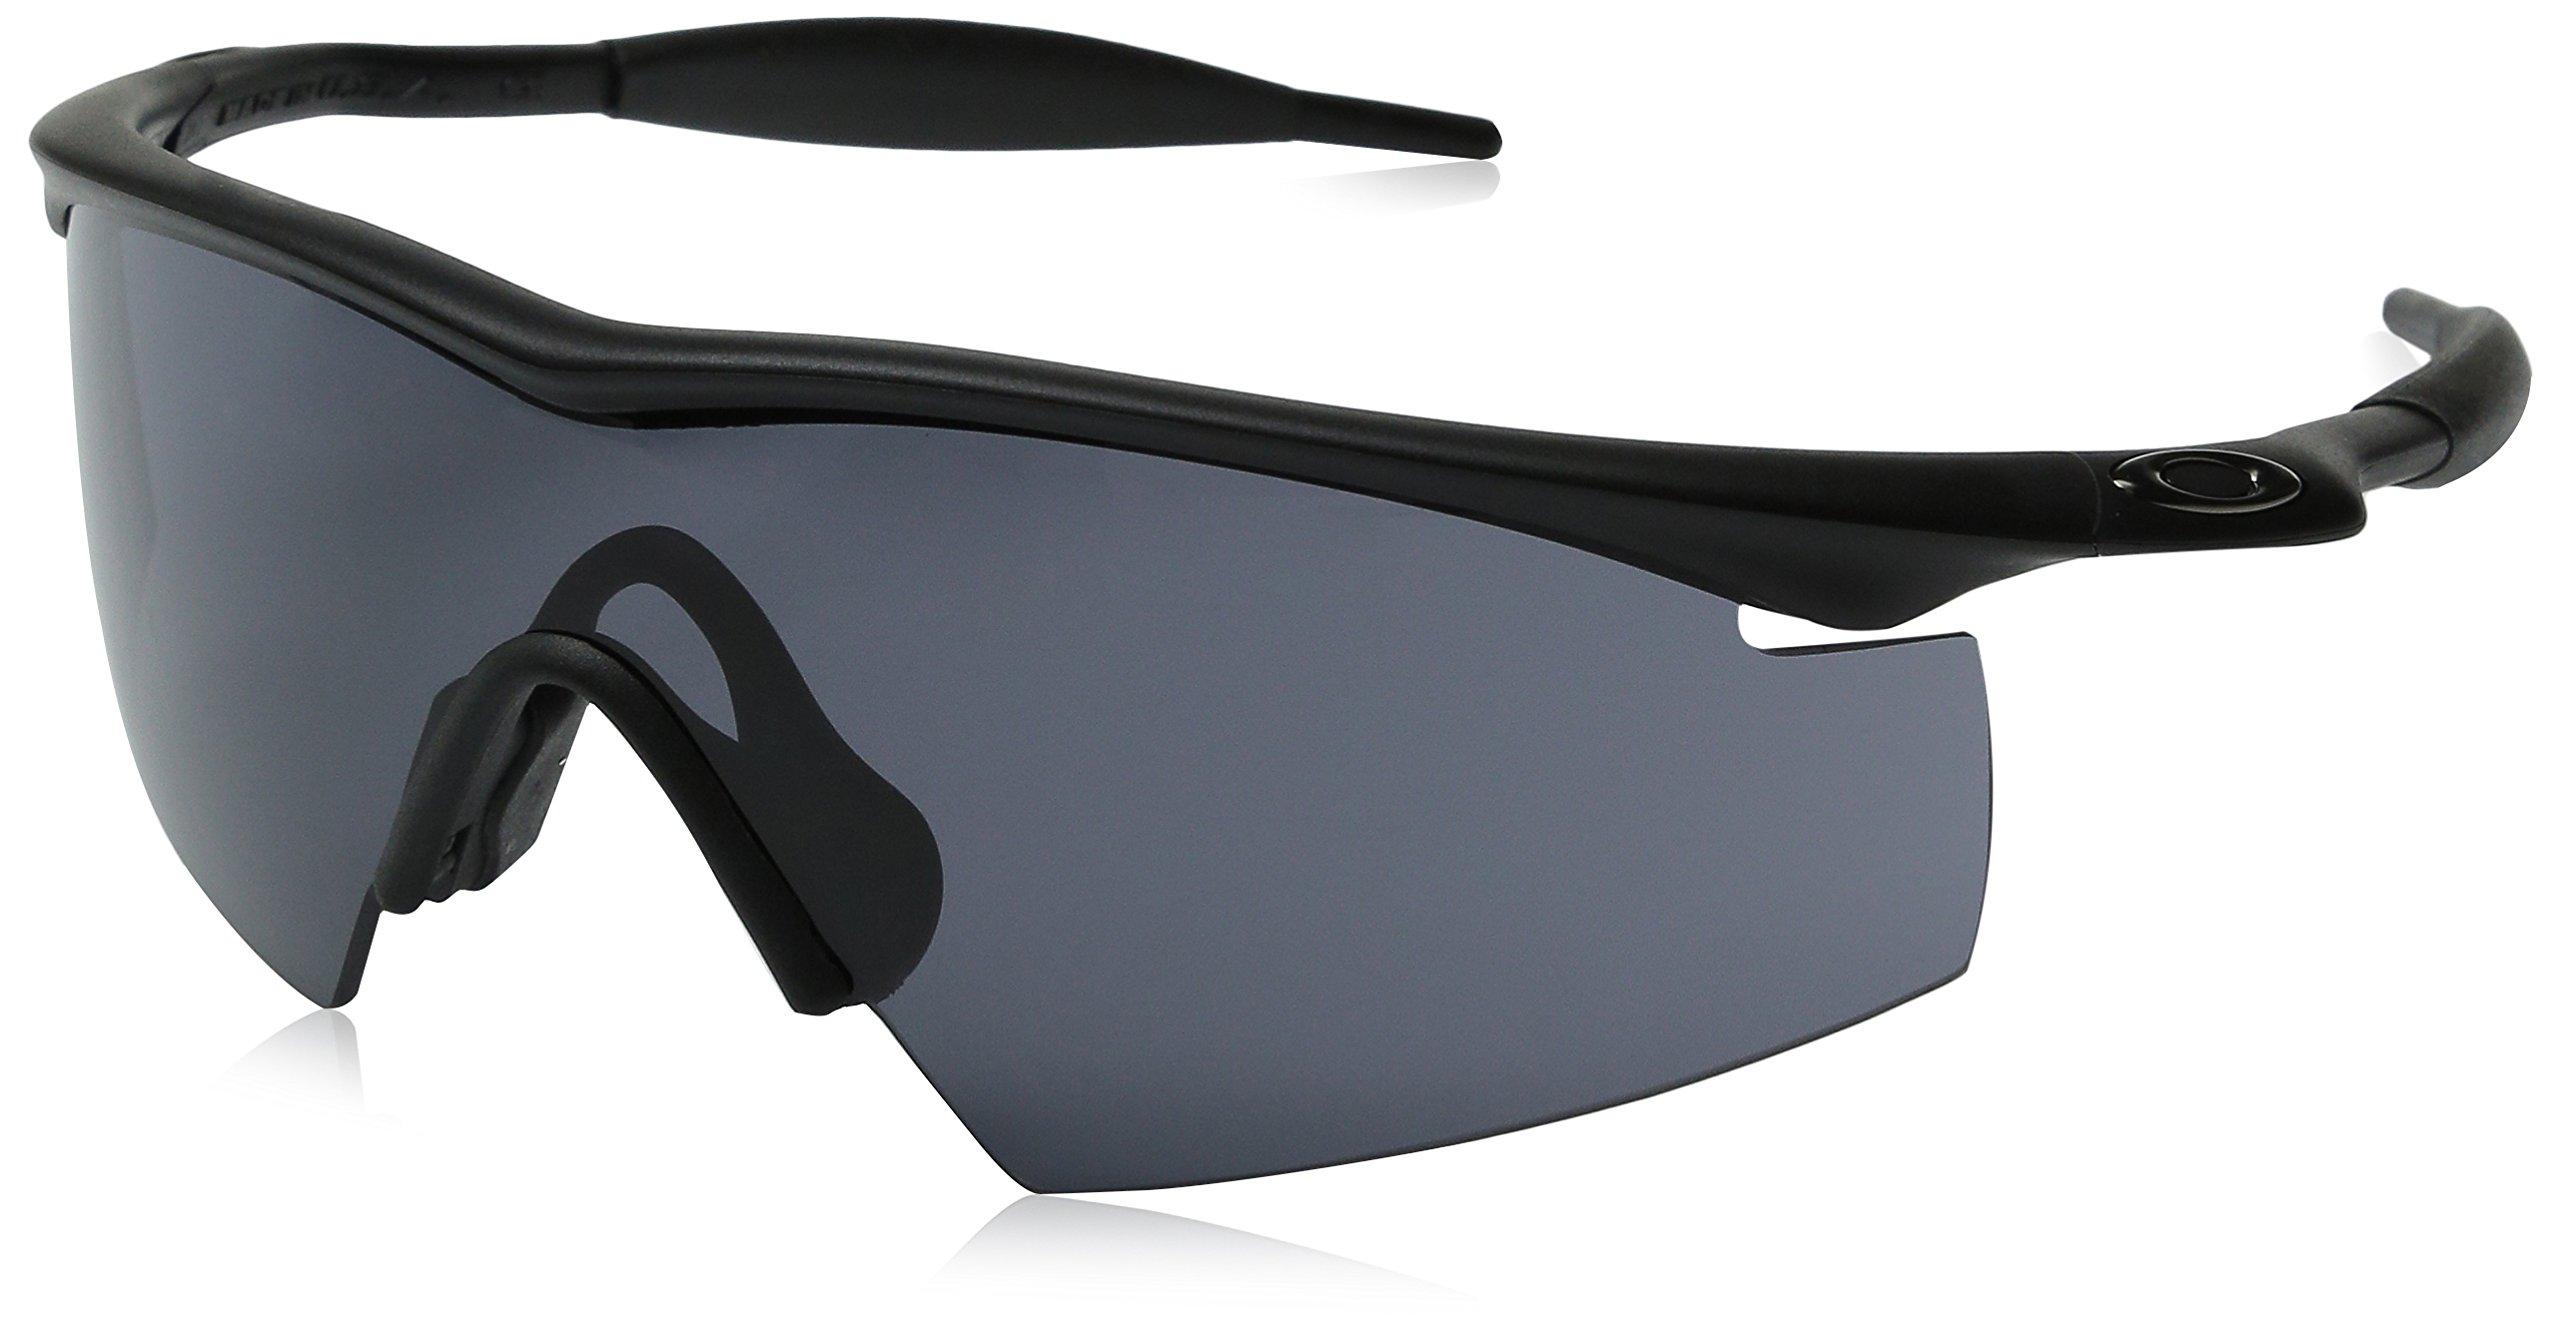 Oakley Men's OO9060 M Frame Strike Shield Sunglasses, Black/Grey, 29 mm by Oakley